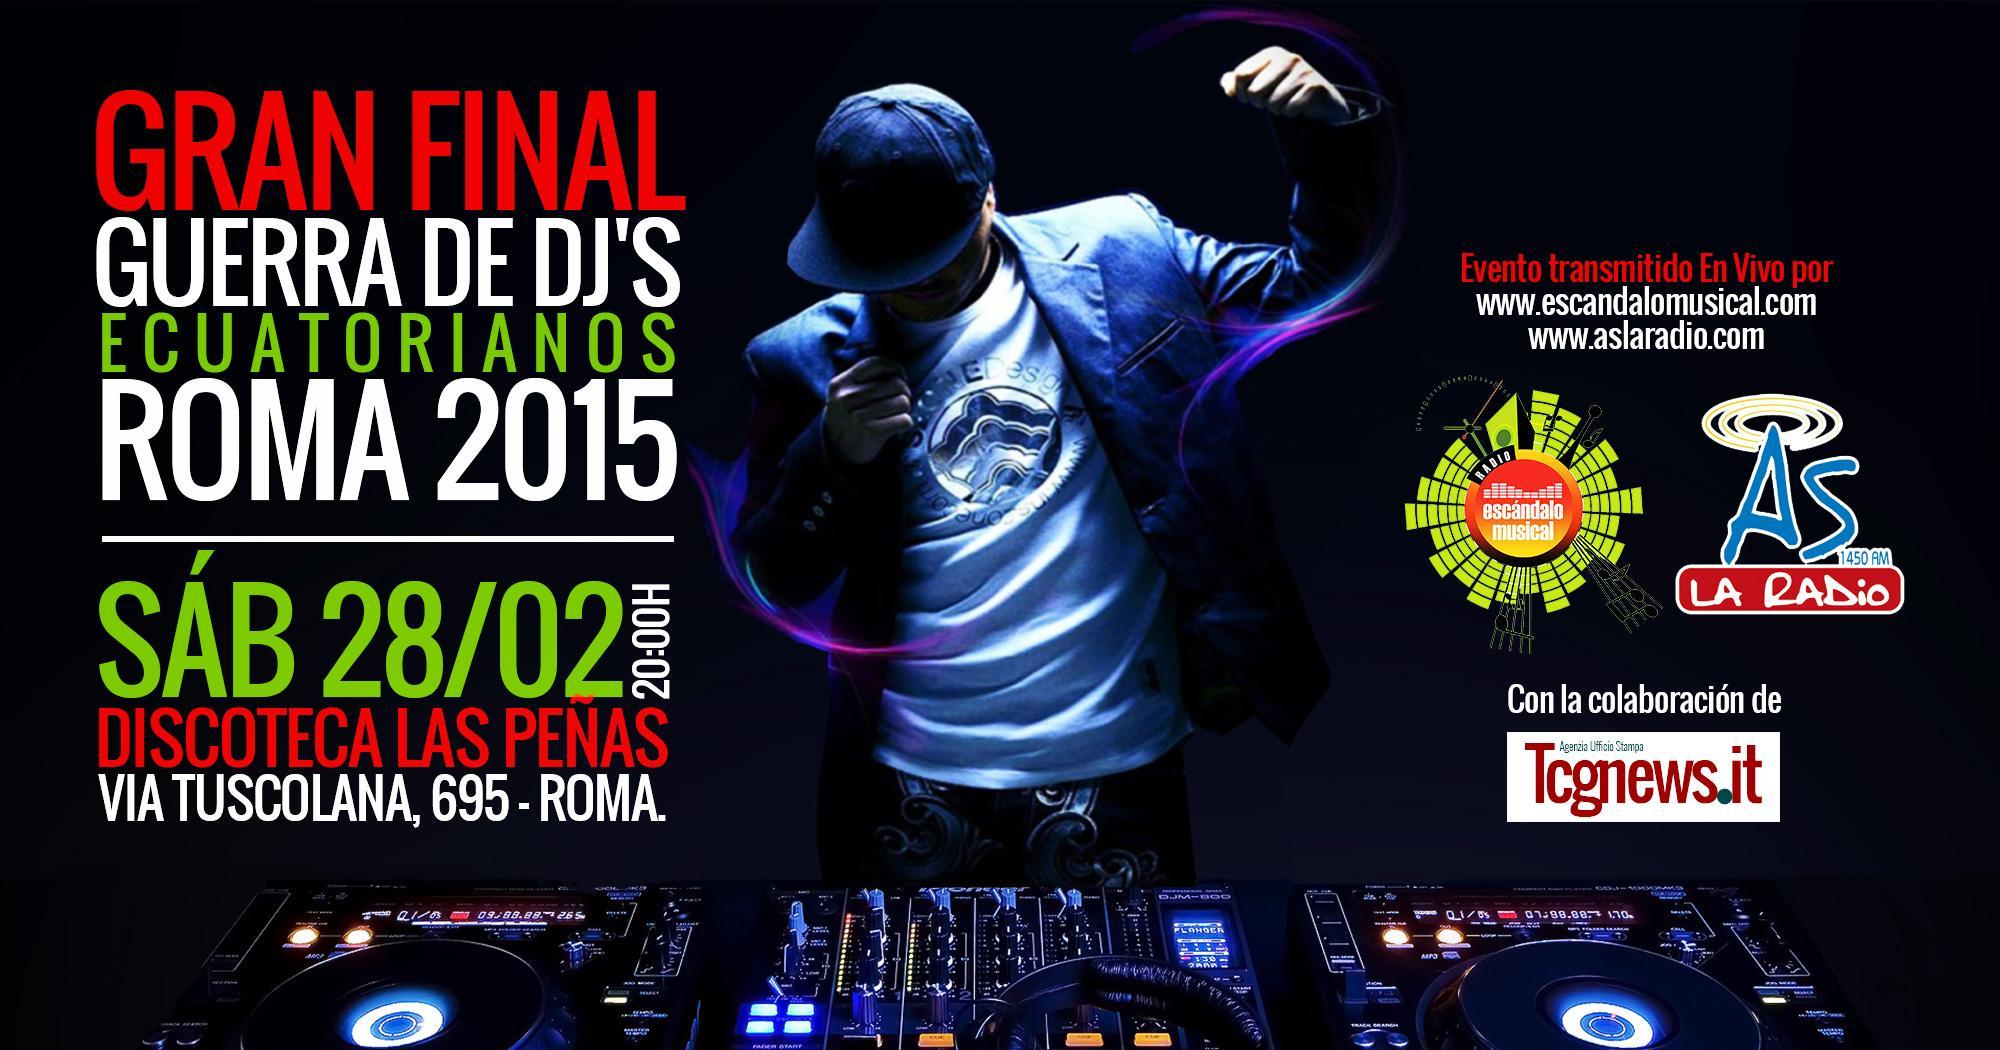 GRAN FINAL DE LA GUERRA DE DJ'S ECUATORIANOS EN ROMA!